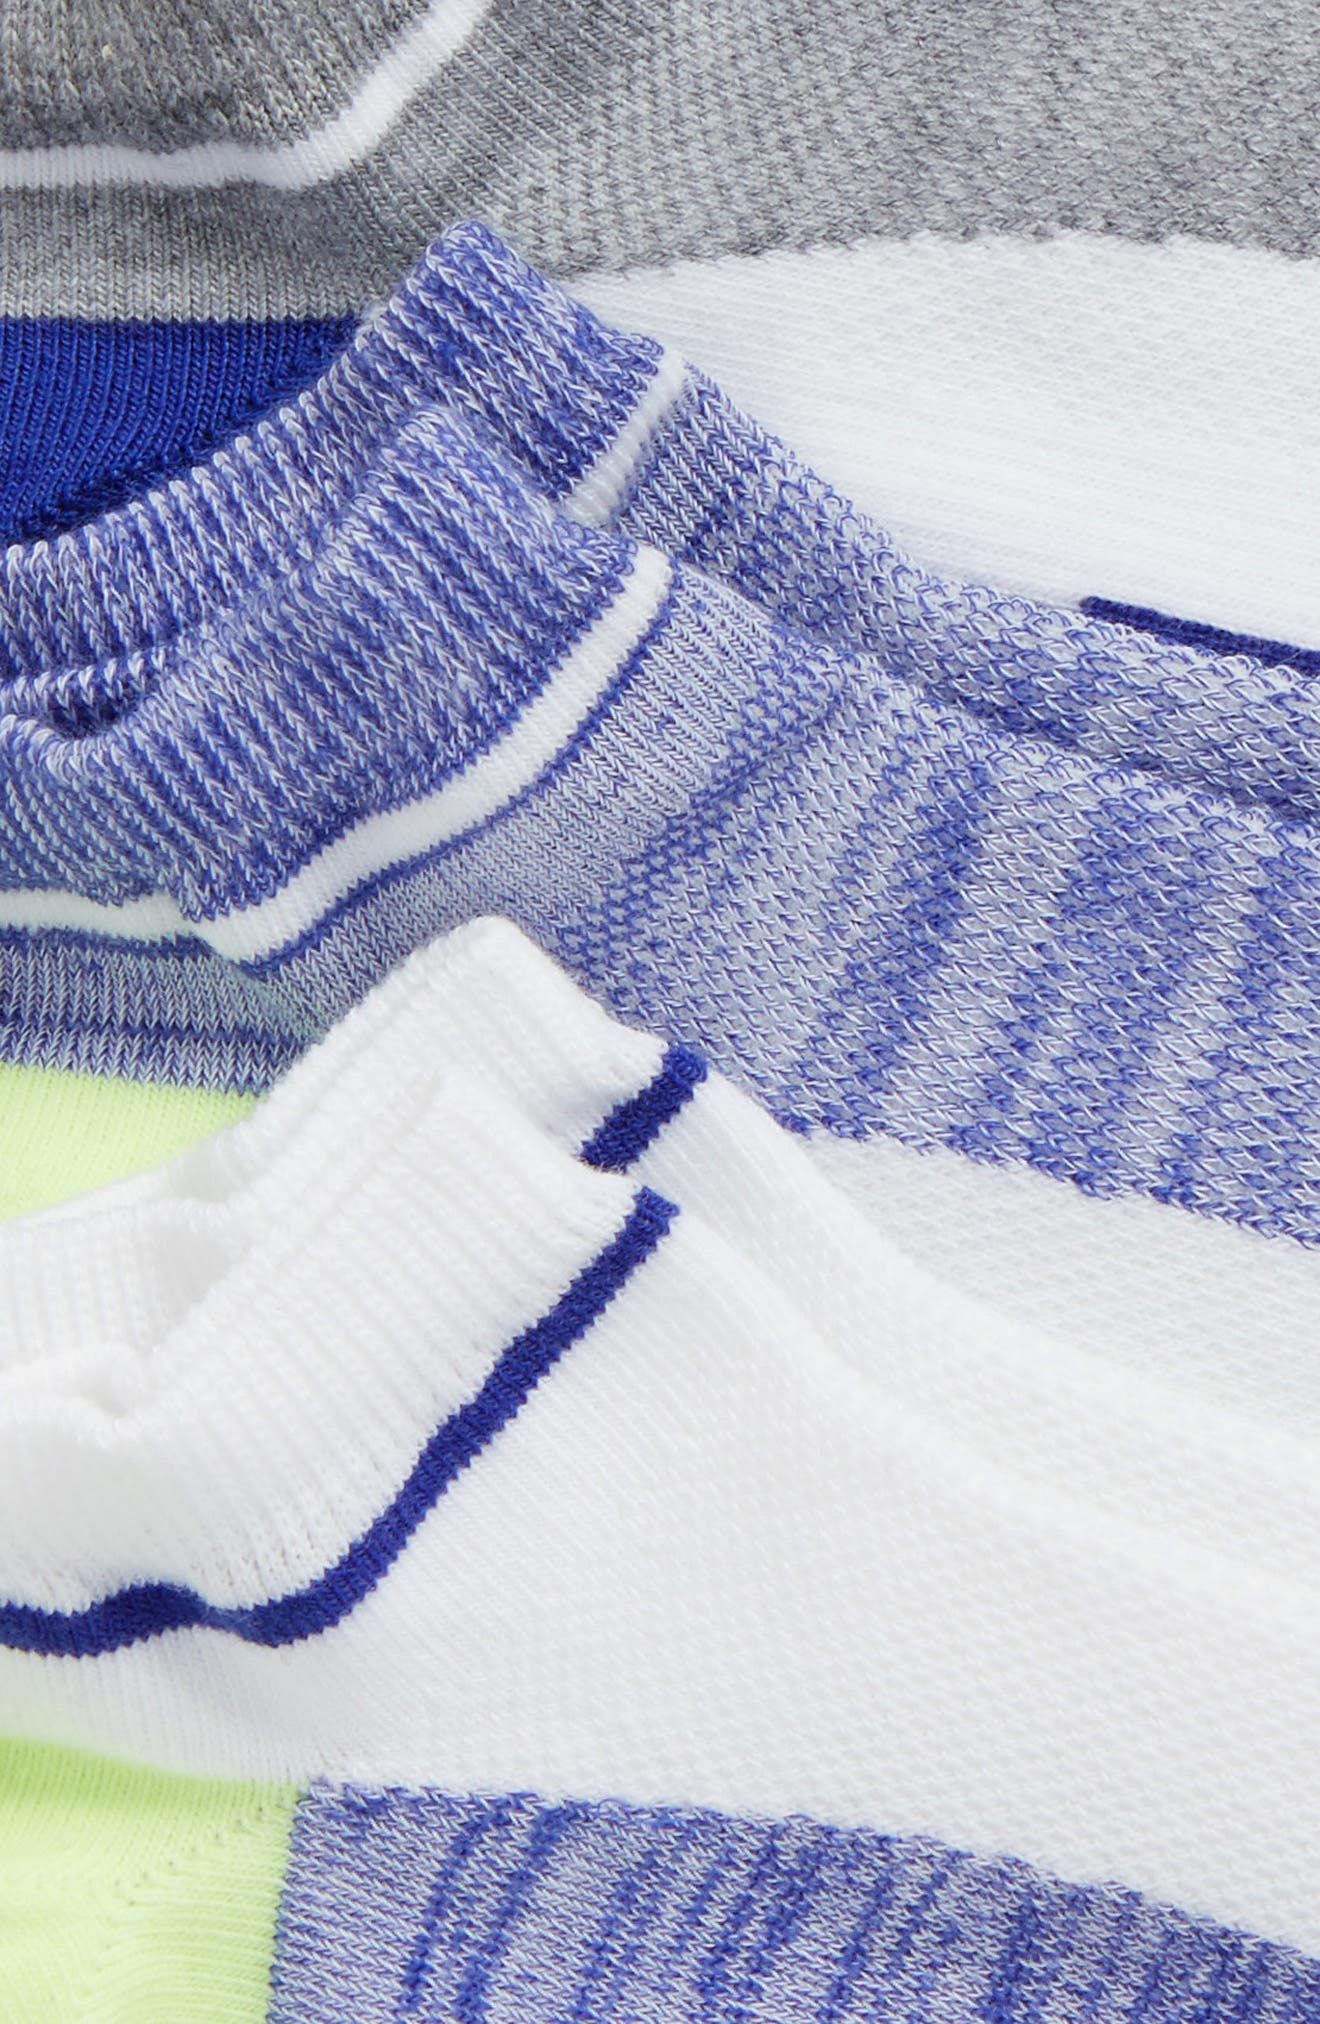 Alternate Image 2  - Zella 'Fitness' Liner Socks (3-Pack)